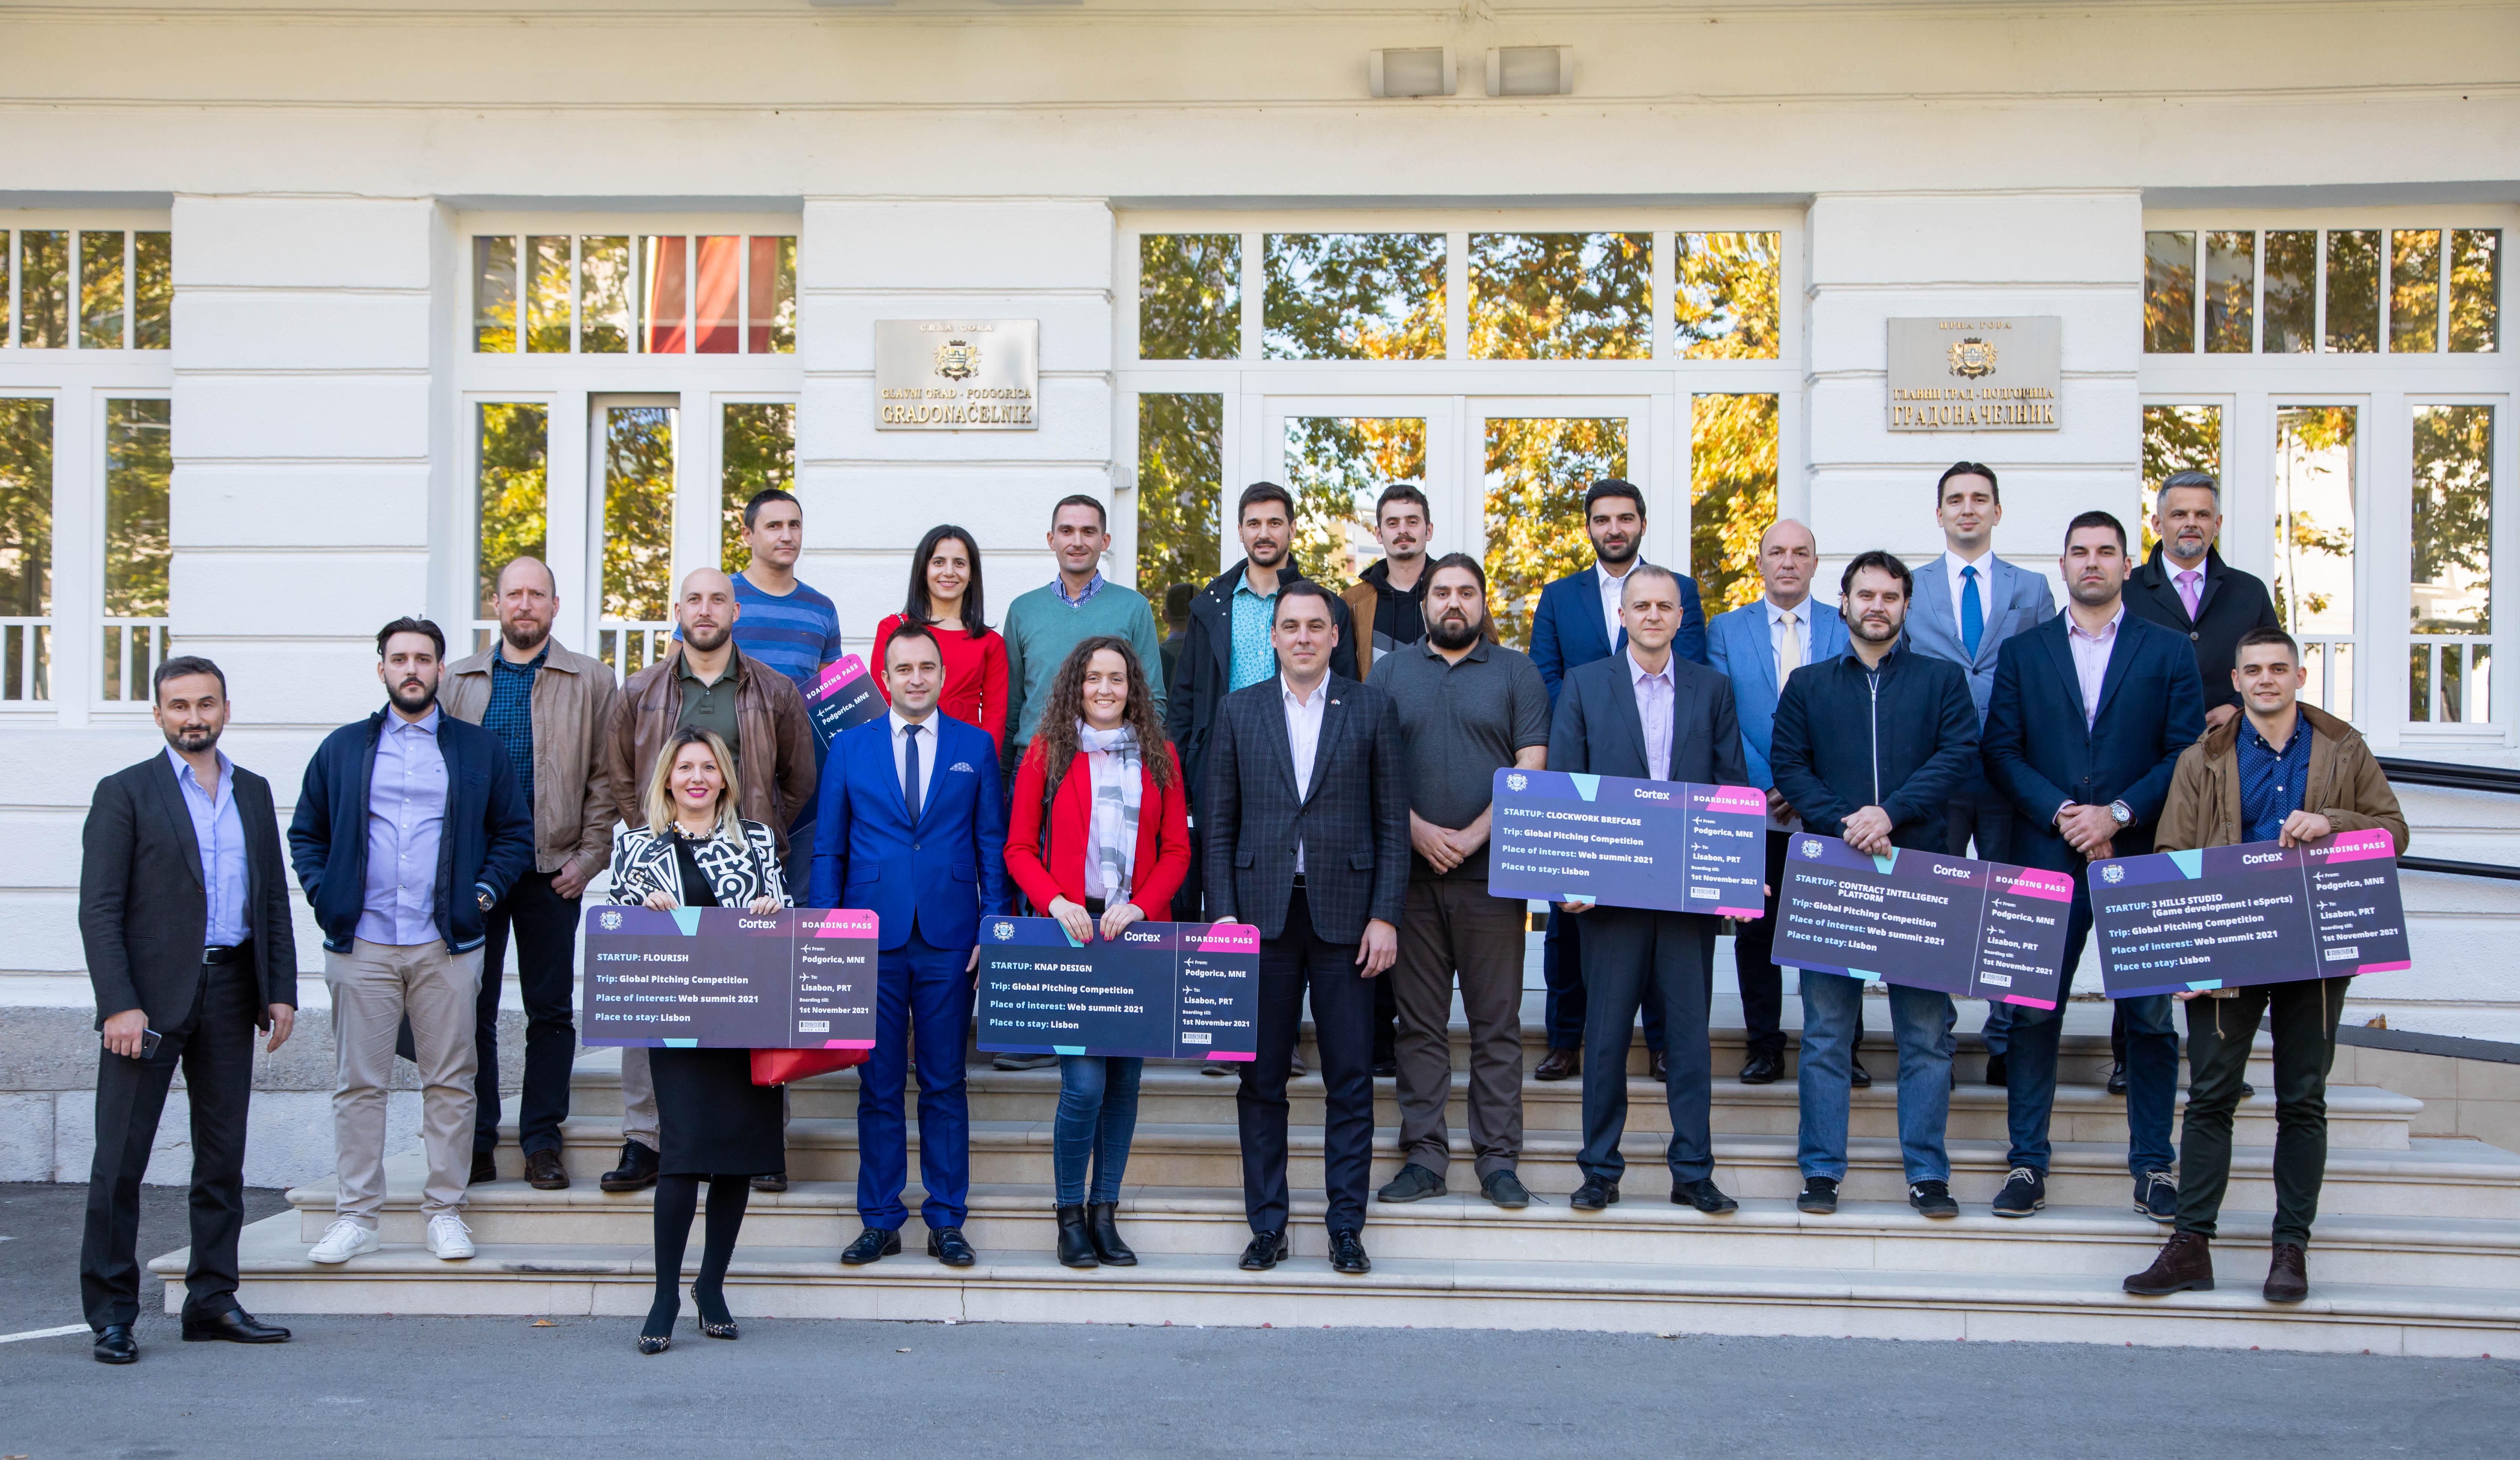 Glavni grad i ICT klaster Cortex podržali sedam Start Up-ova koji će se predstaviti na jednoj od najvećih tehnoloških konferencija na svijetu